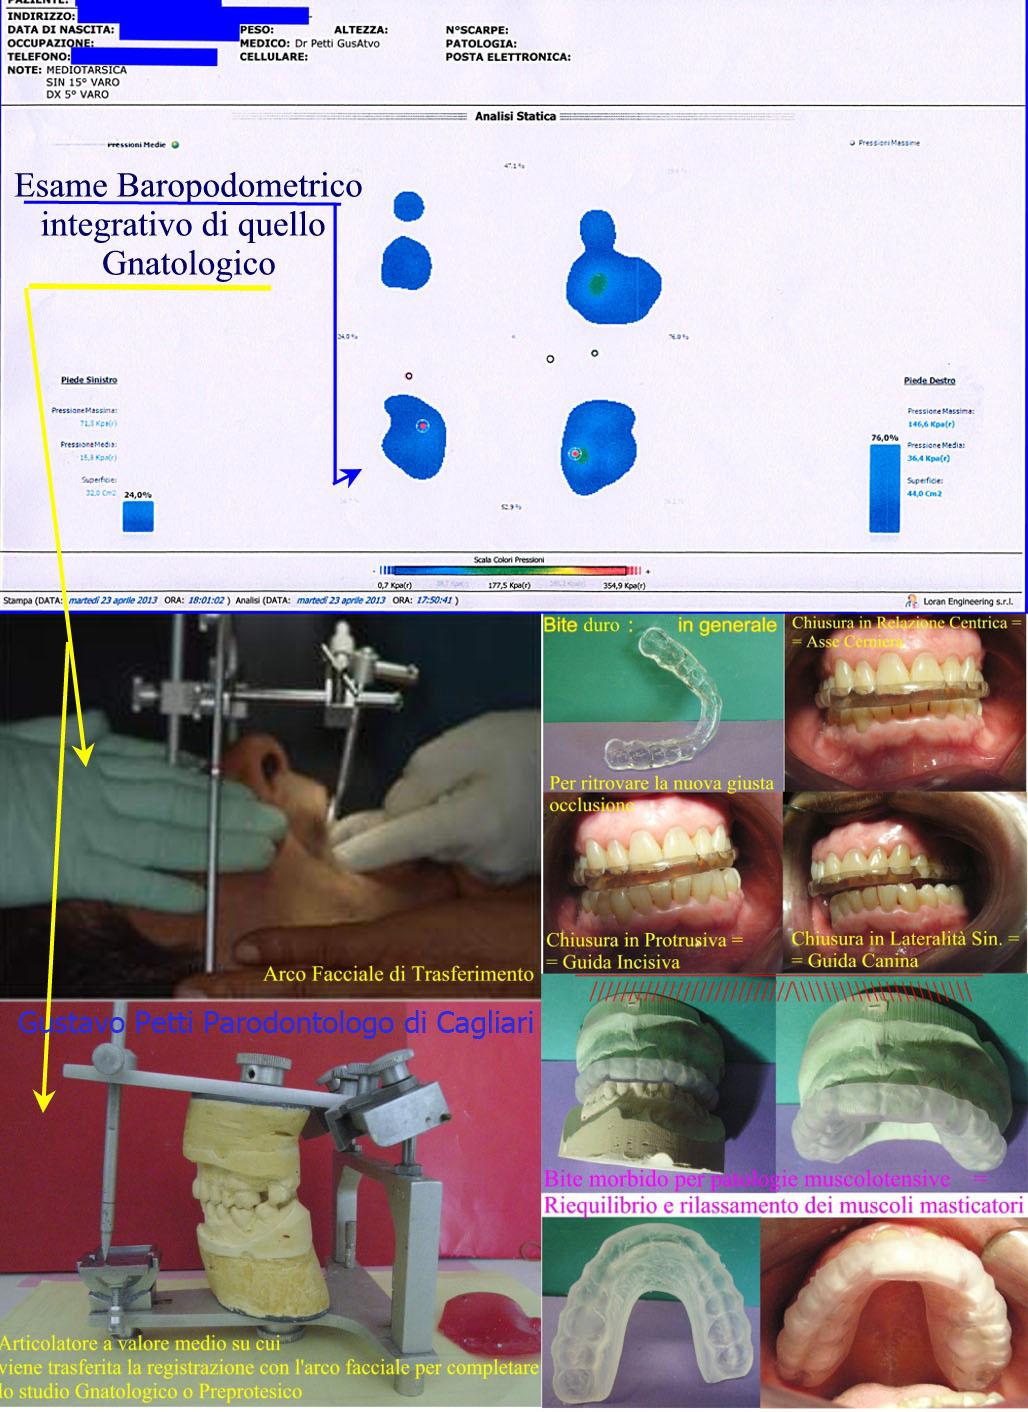 Dr.Gustavo Petti Parodontologo Gnatologo di Cagliari. Parte di Analisi Gnatologica con Arco Facciale di Trasferimento e Stabilometria Computerizzata.